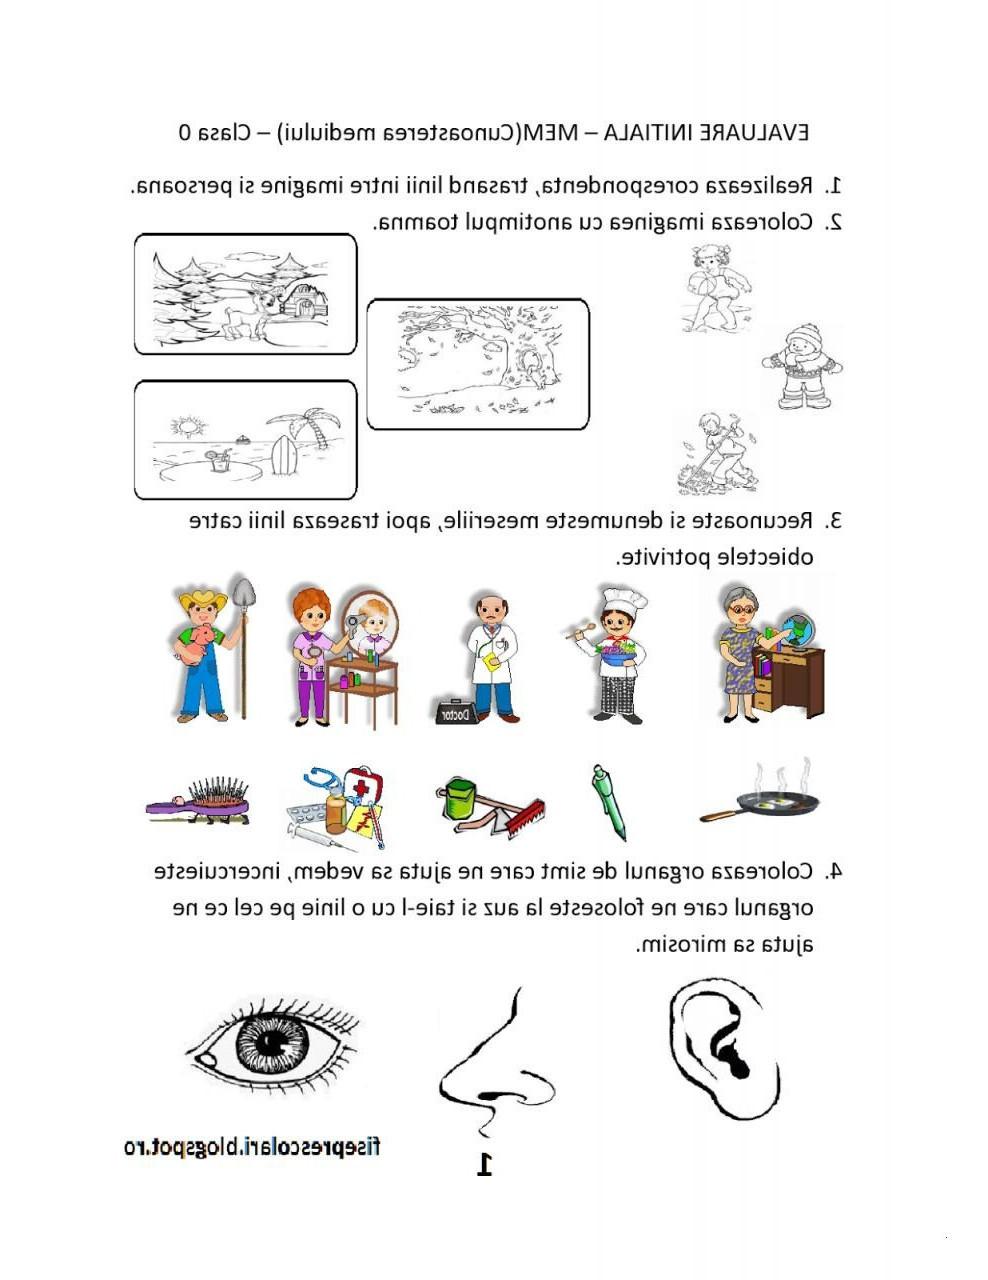 Micky Maus Malvorlage Frisch 29 Inspirierend Unterwasserwelt Malvorlagen – Malvorlagen Ideen Das Bild